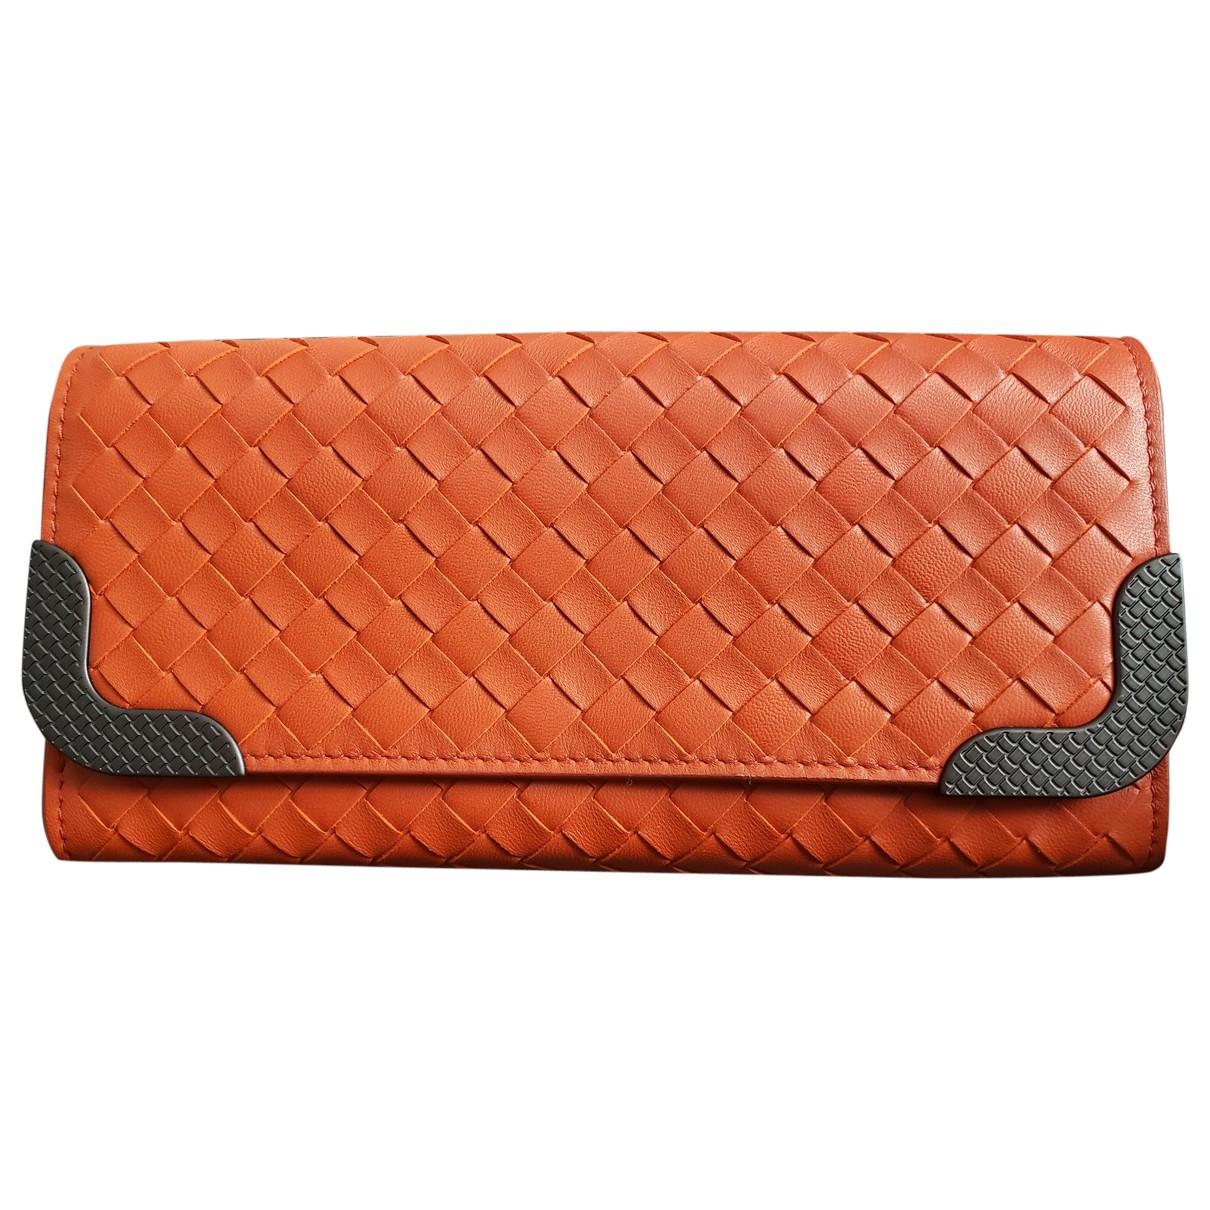 Bottega Veneta Intrecciato Portemonnaie in  Orange Leder